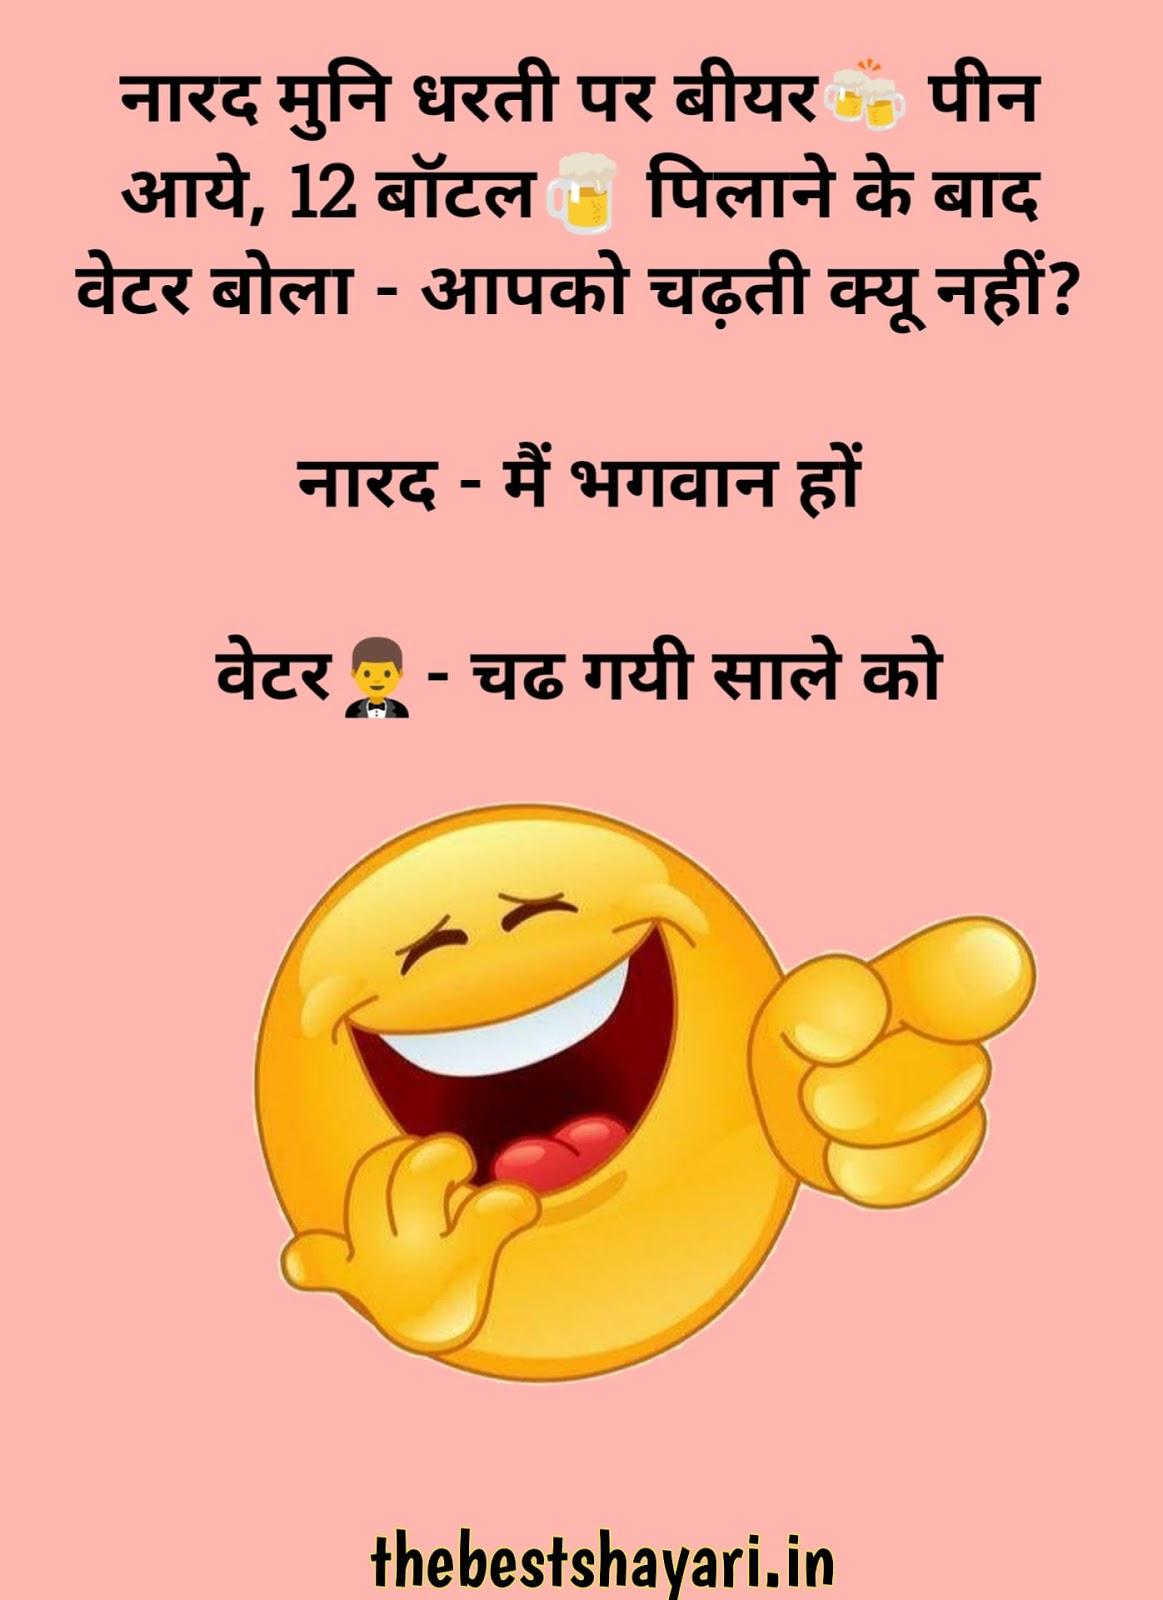 Famous jokes in hindi